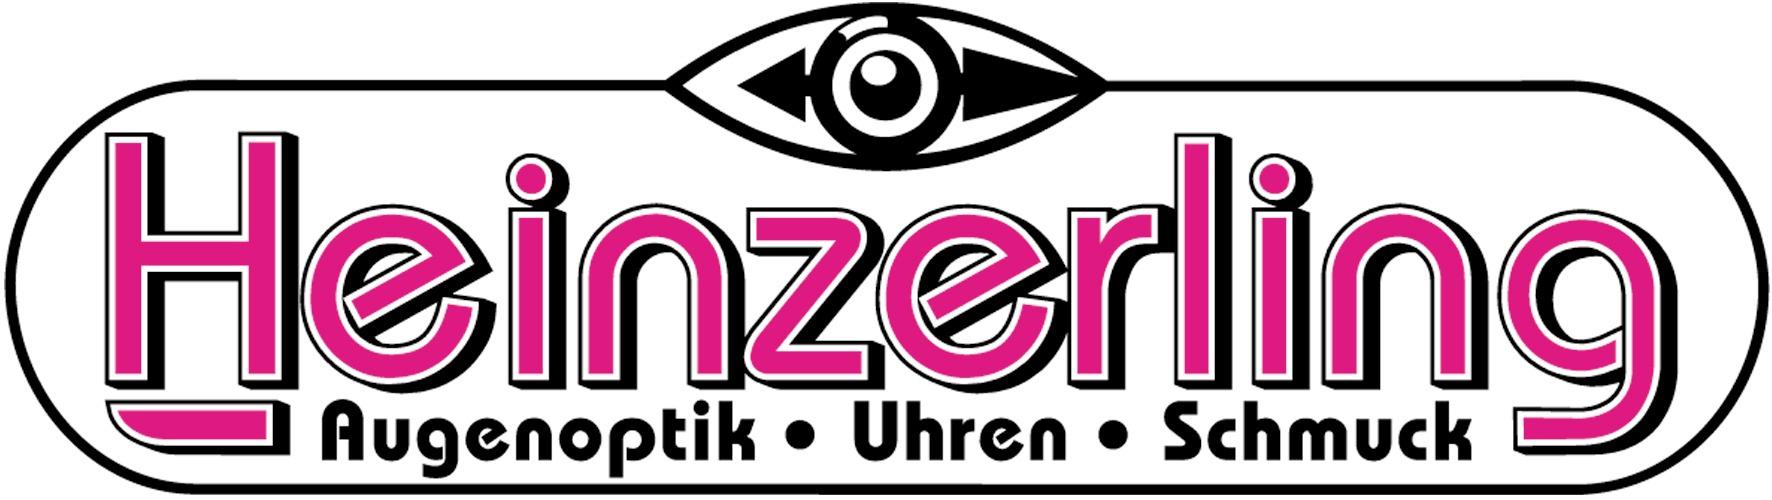 Wilhelm Heinzerling Augenoptik Uhren Schmuck GmbH & Co KG